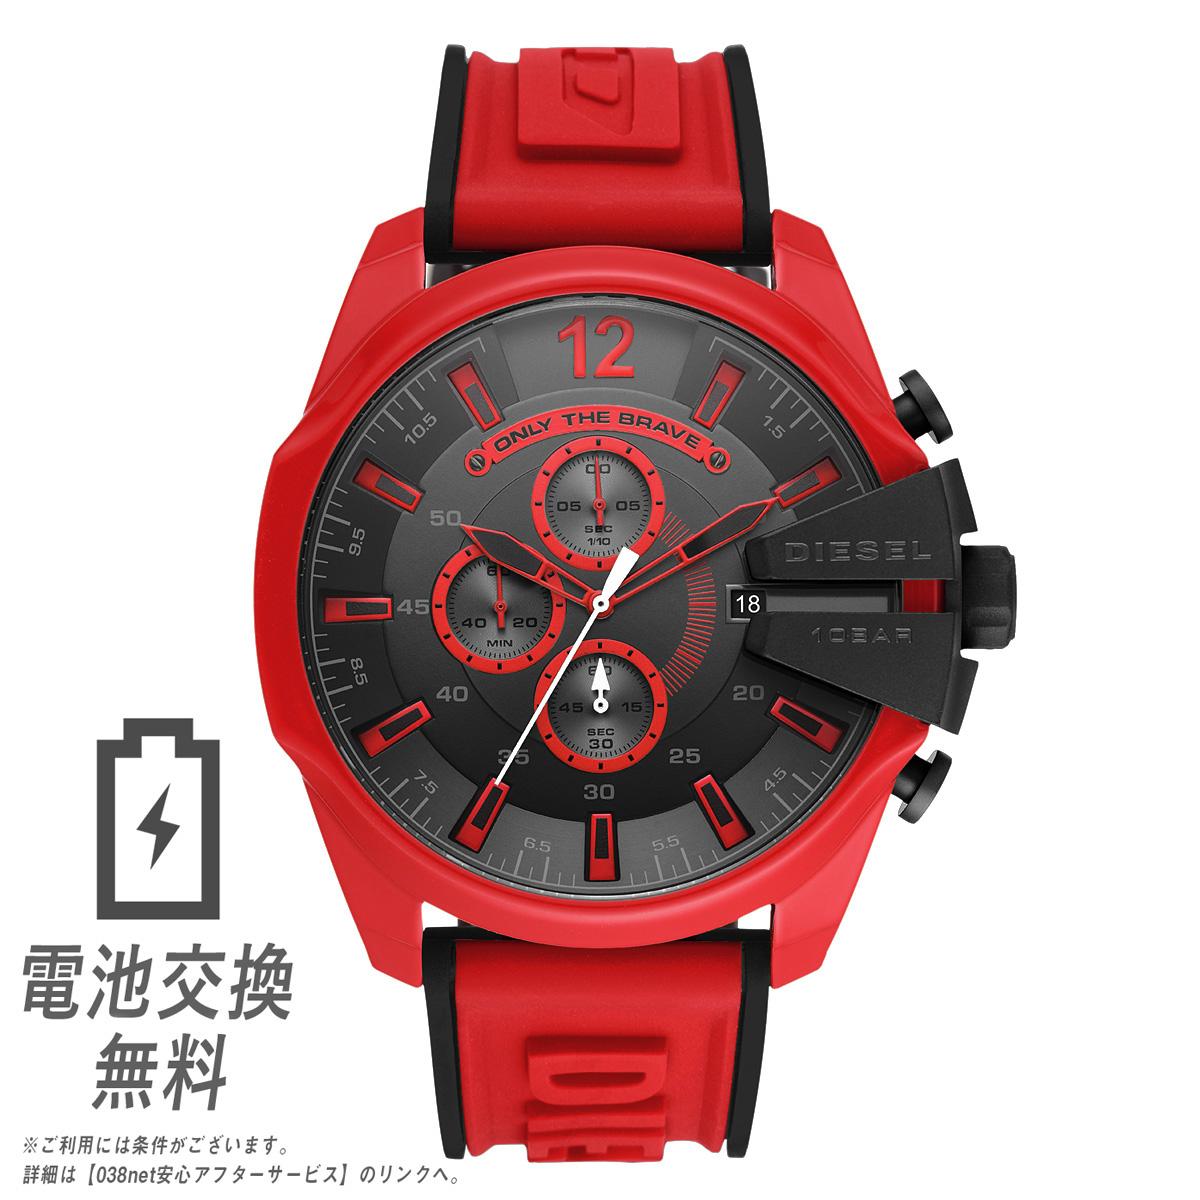 【ラッピング無料】ディーゼル DIESEL 腕時計 メンズ メガチーフ クロノ レッド 赤 ブラック 黒 シリコン ラバーベルト MEGA CHIEF DZ4526 ストップウォッチ カレンダー 男性用 時計 ビッグサイズ ビッグフェイス ビックフェイス ビック 特大